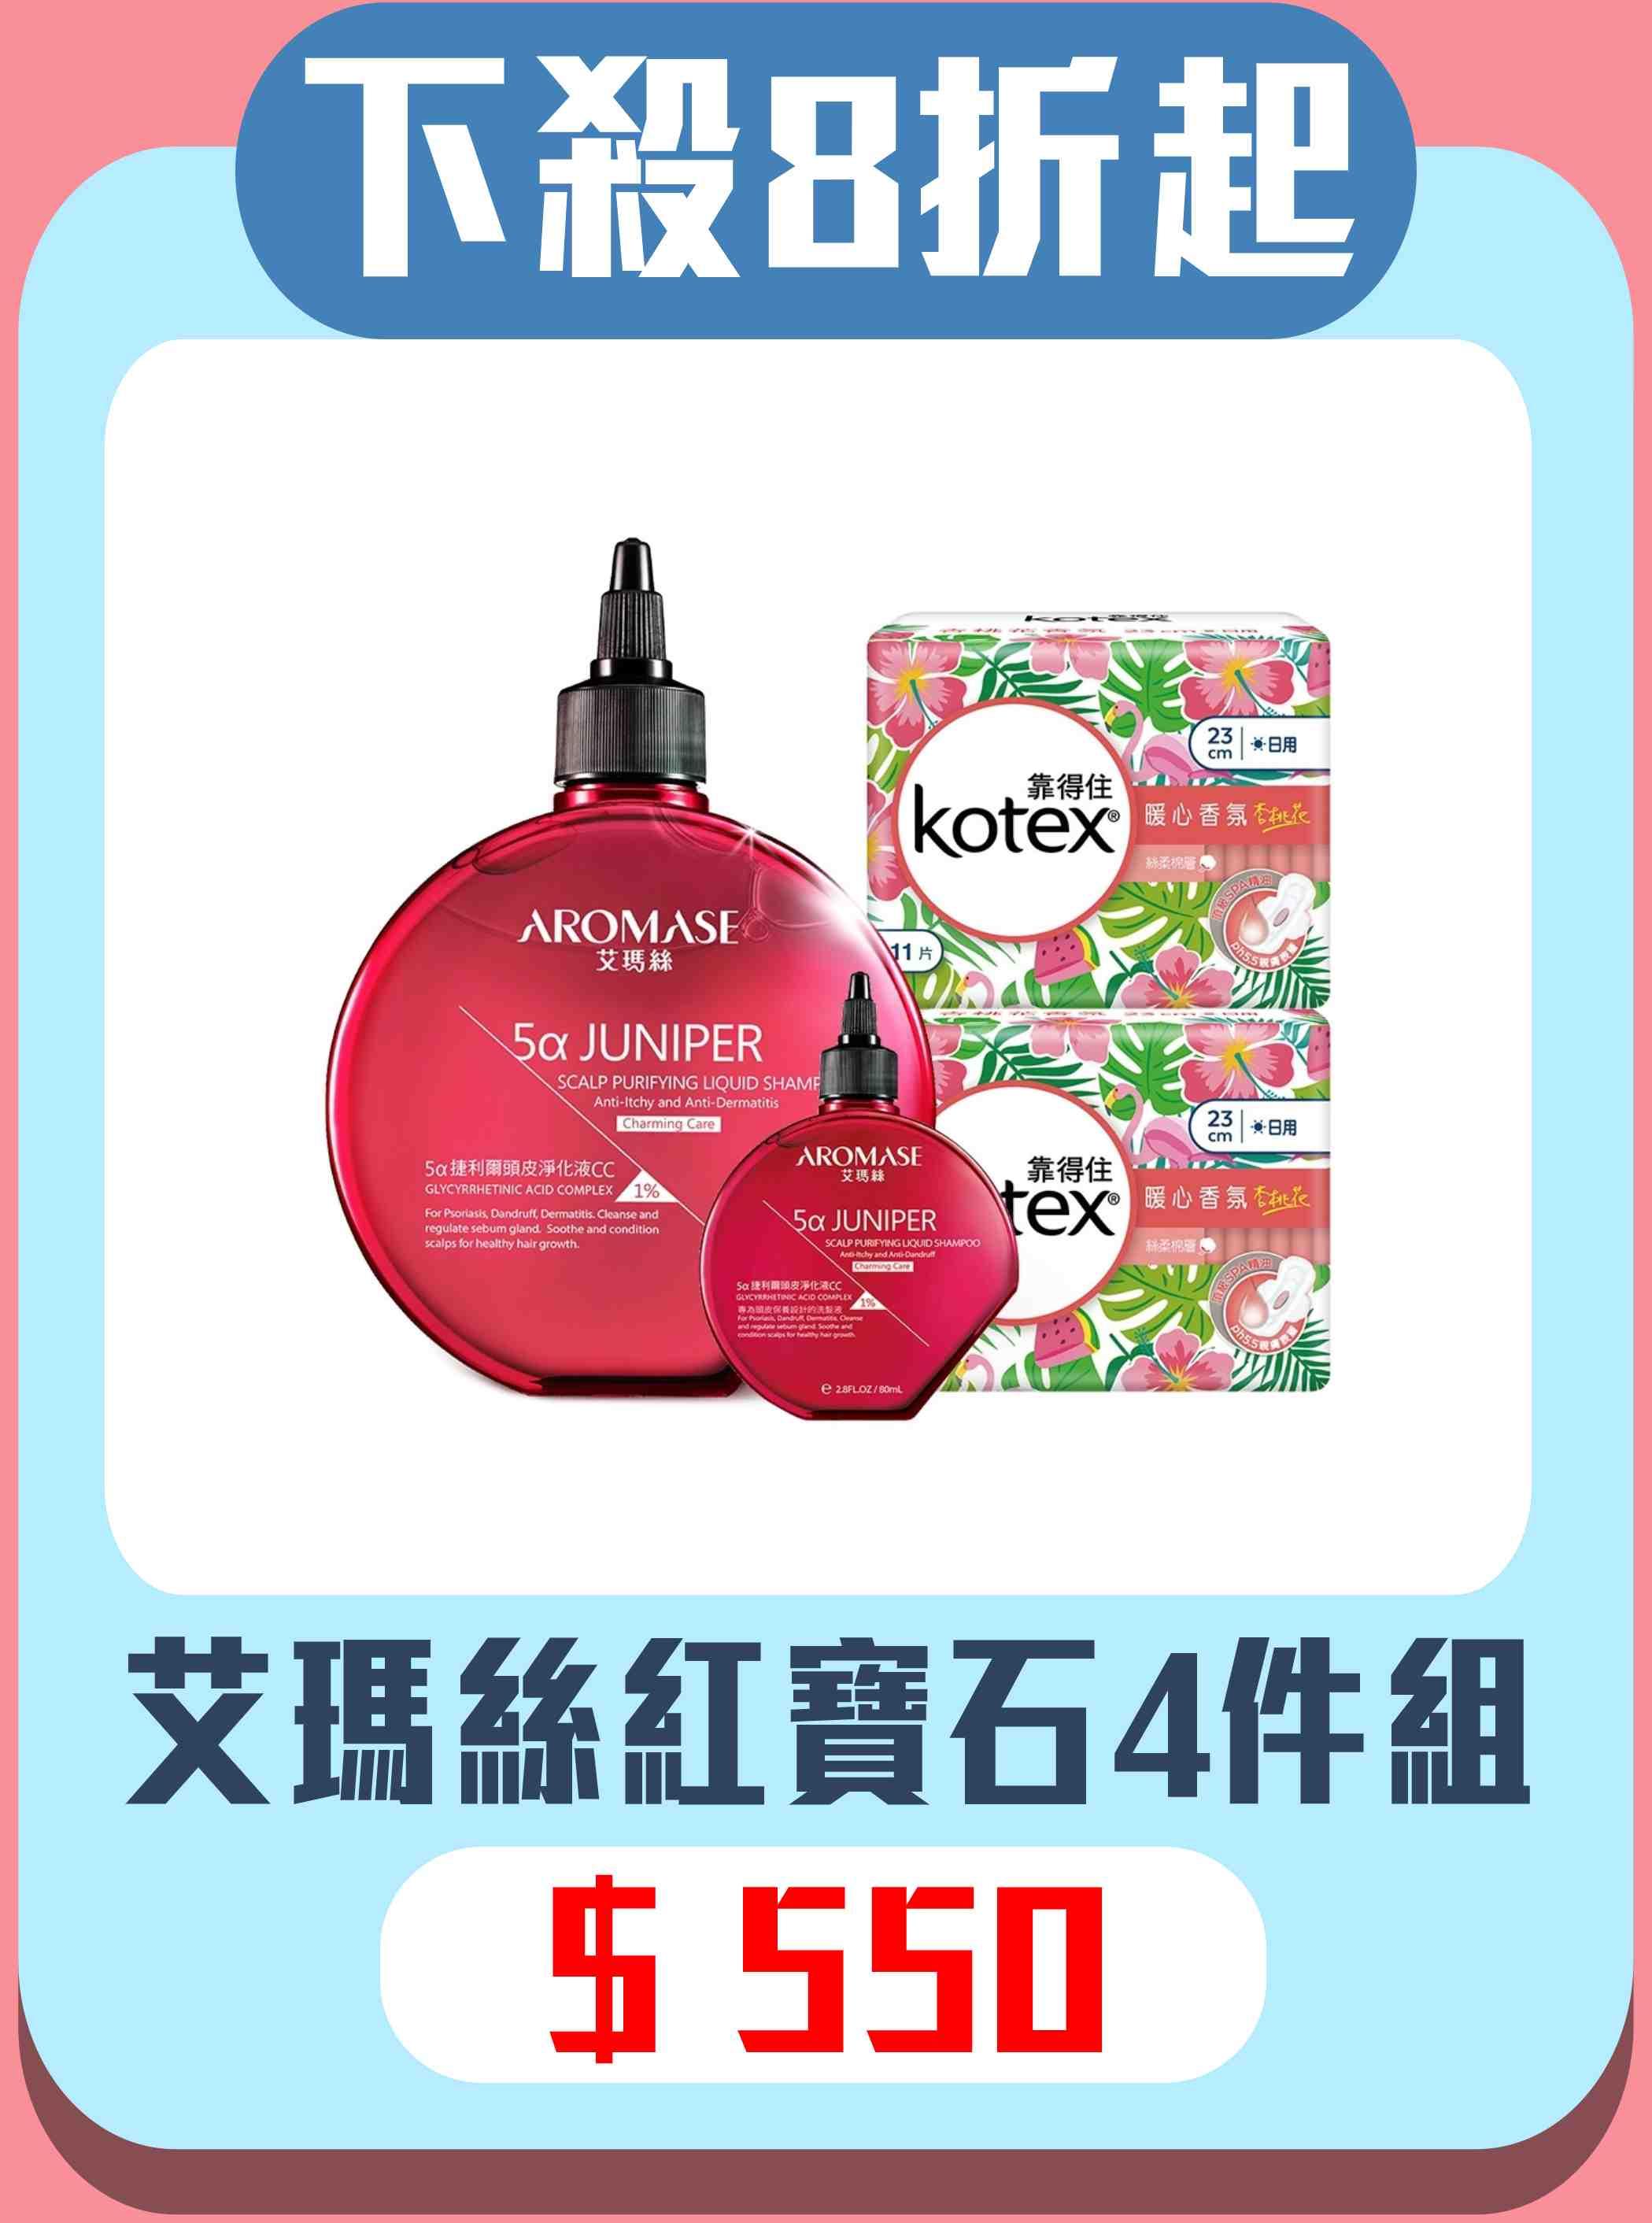 [獨家組] 艾瑪絲紅寶石暖心香氛4件組-杏桃花 淨化液CC260ml+80ml+11片棉x2包